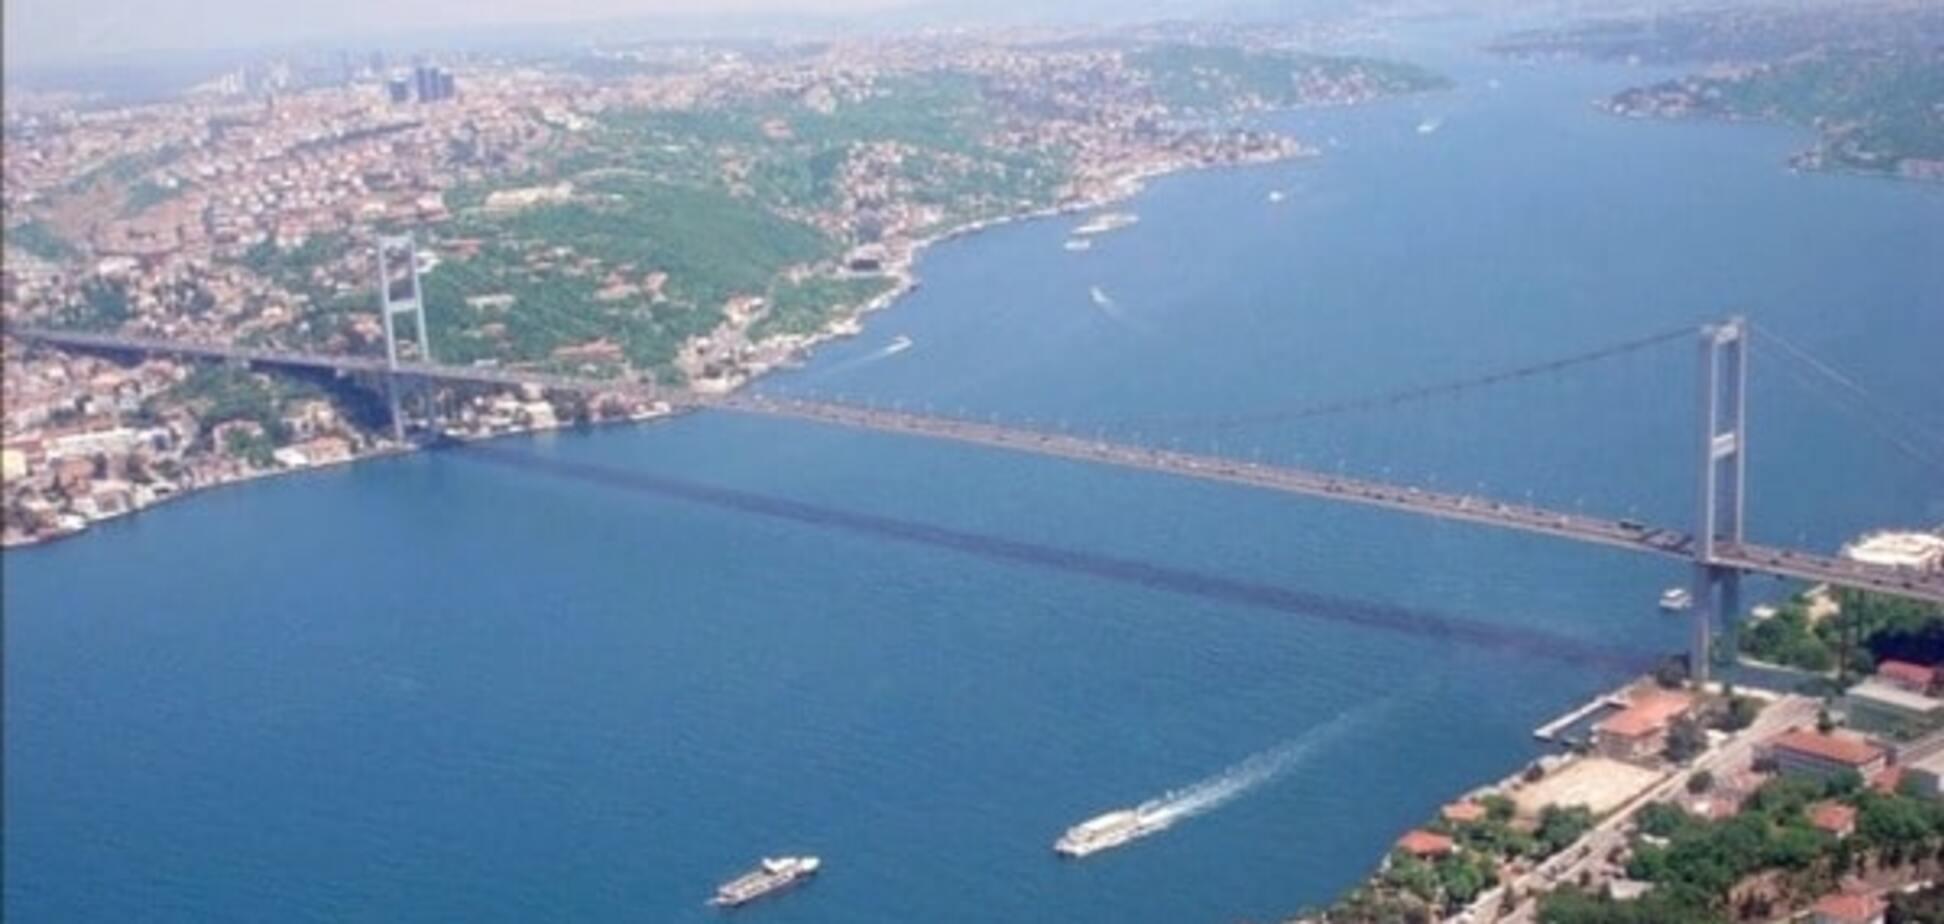 Туреччина не пропустить через Босфор військові кораблі РФ із Сирії - розвідка